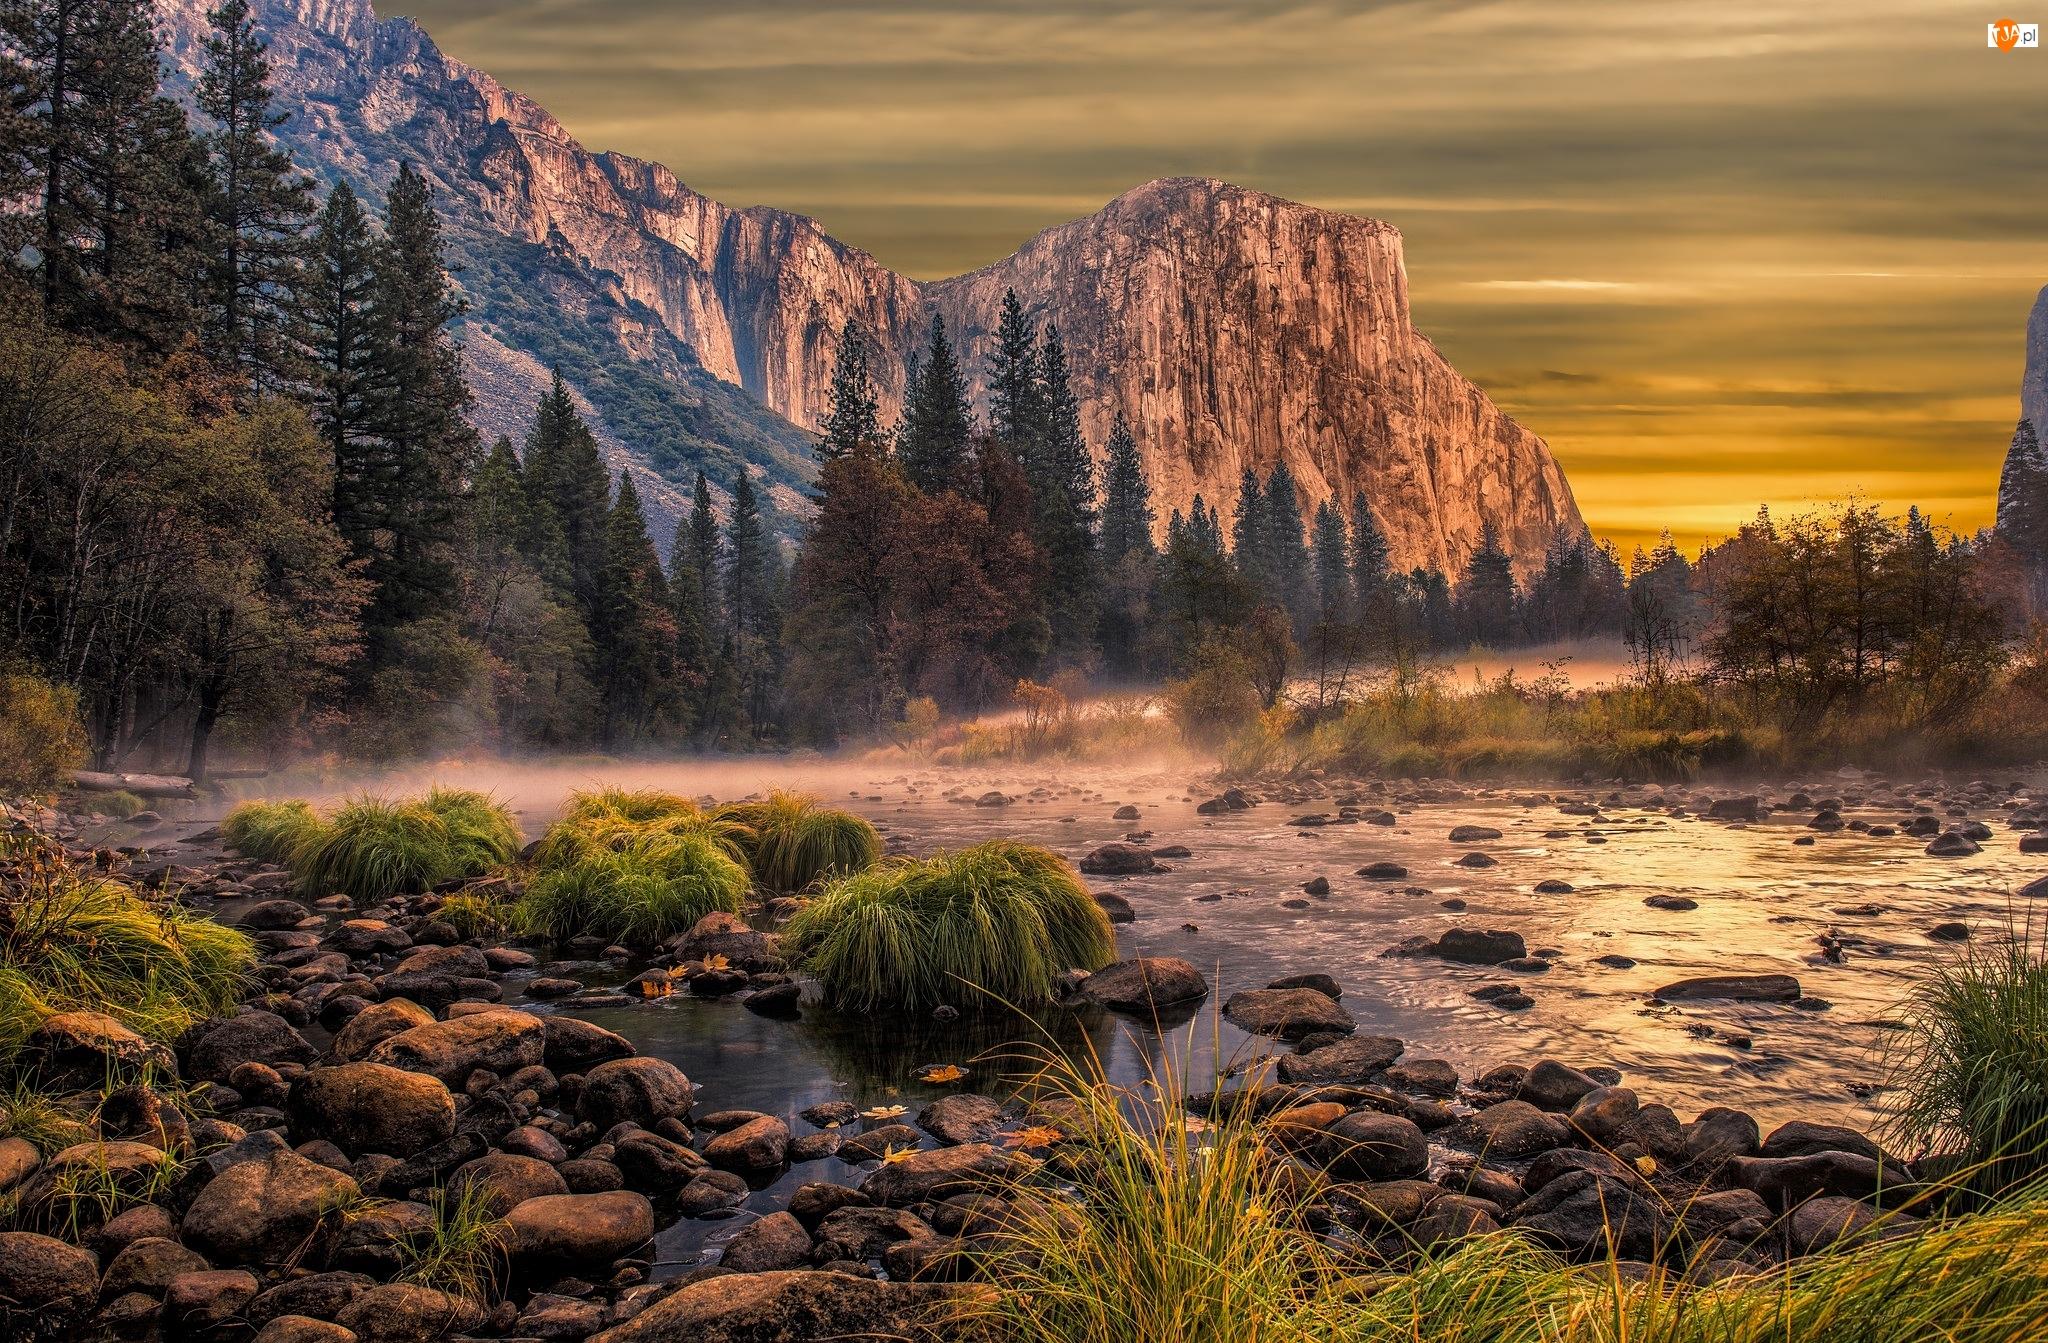 Stany Zjednoczone, Mgła, Park Narodowy Yosemite, Drzewa, Szczyt El Capitan, Góry, Kamienie, Rzeka Merced, Rośliny, Kalifornia